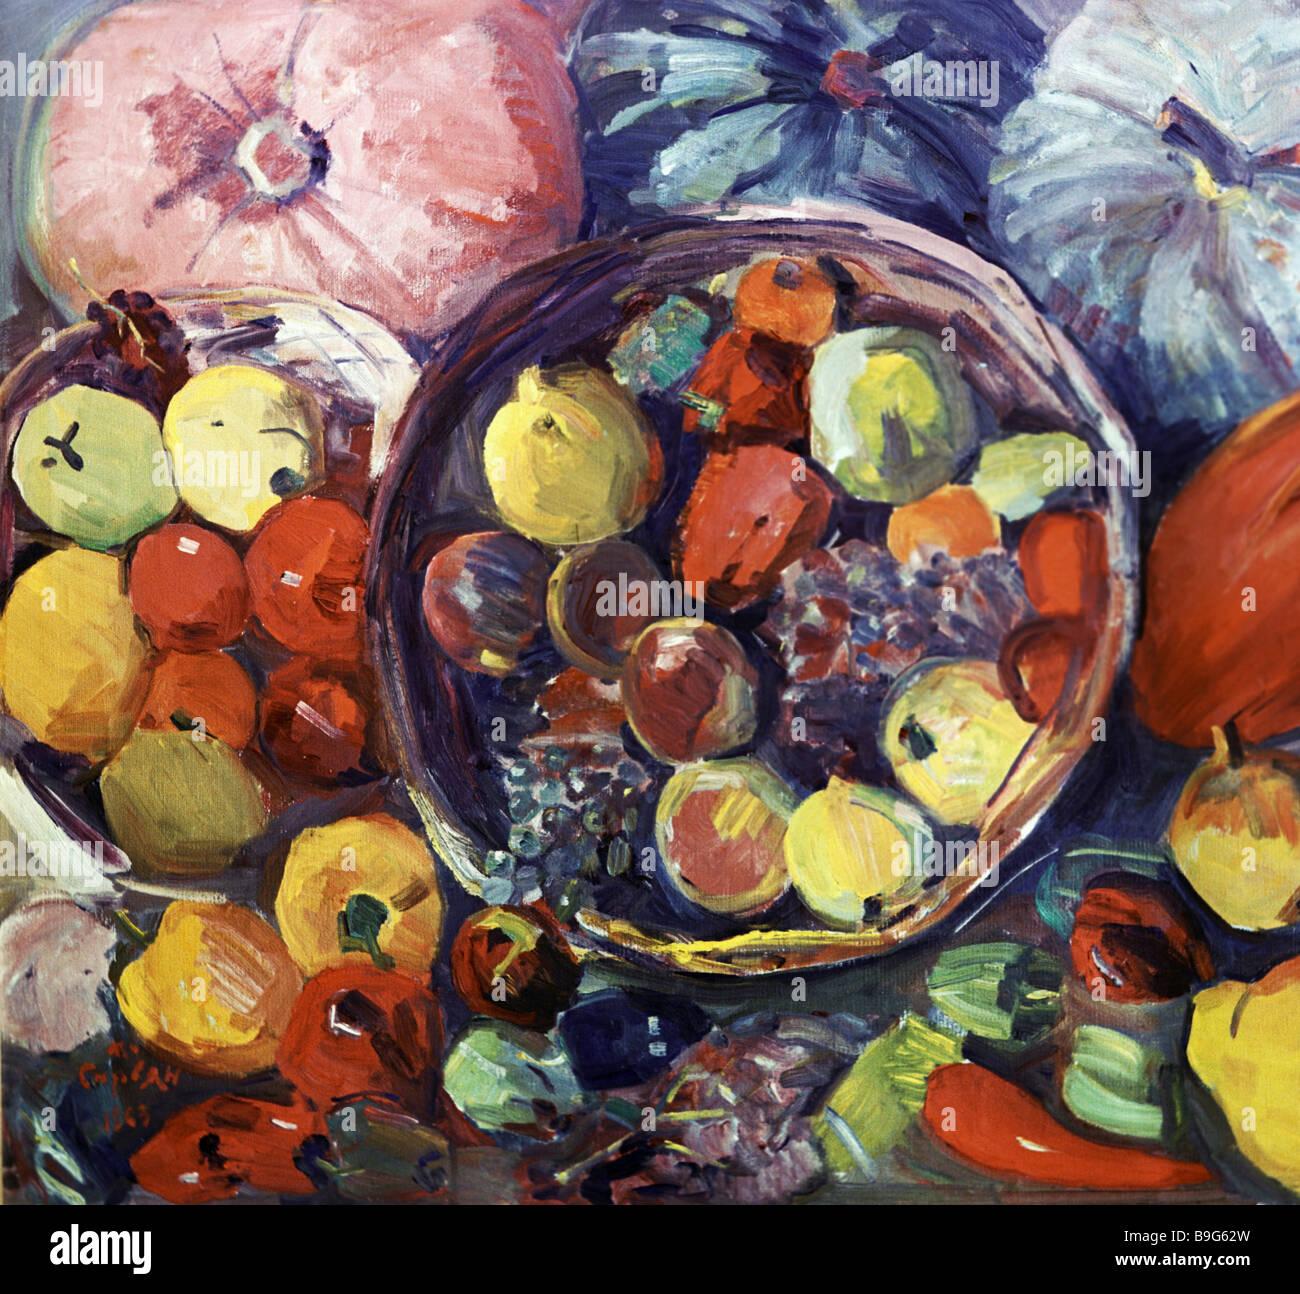 Reproducción de Martiros Saryan s pintura bodegón de otoño desde el museo Martiros Saryan en Yerevan Imagen De Stock